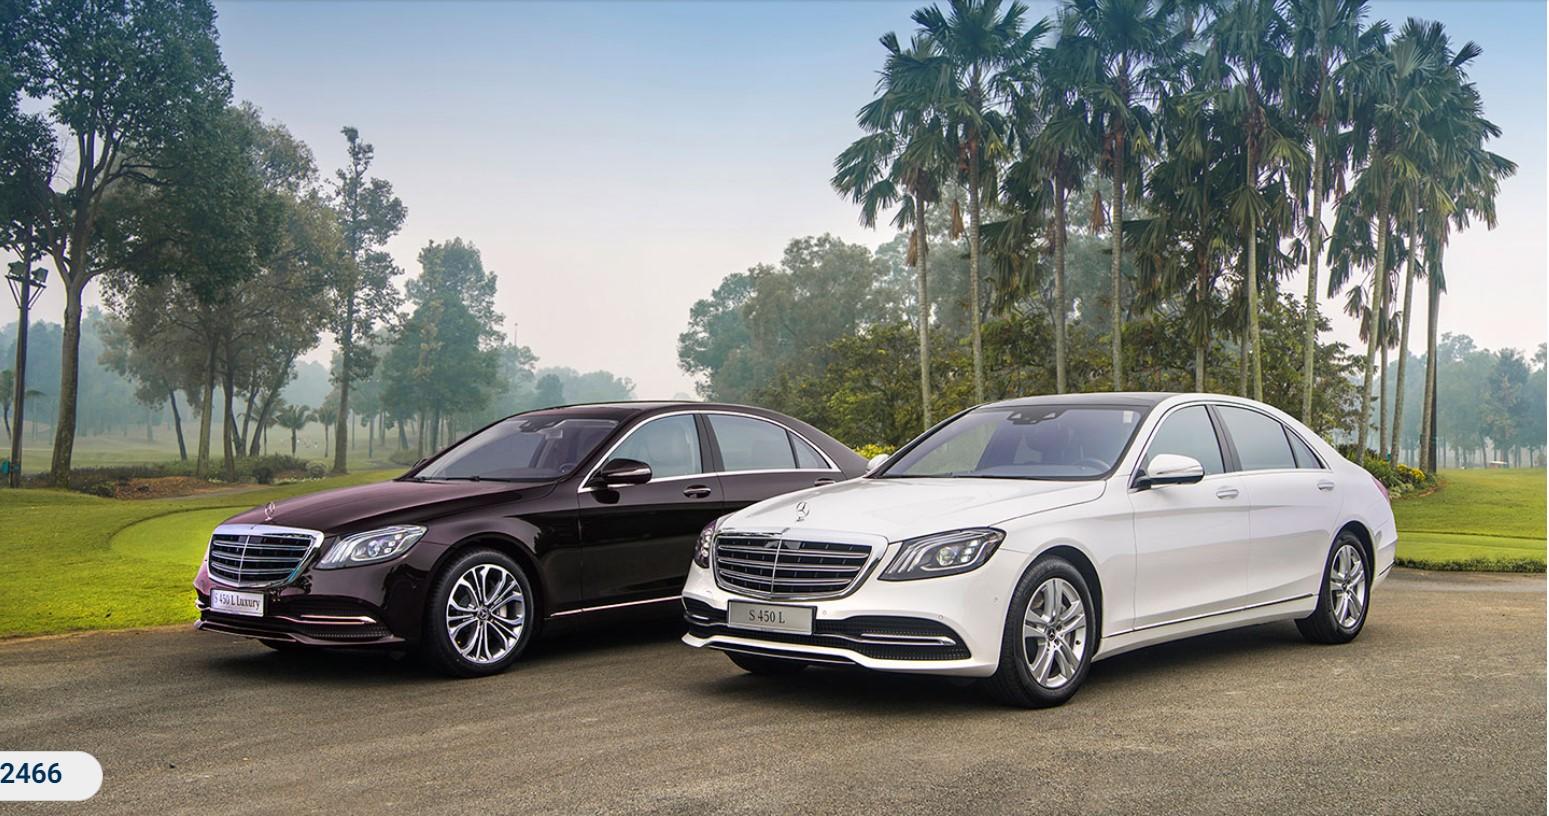 S450 & S450 Luxury